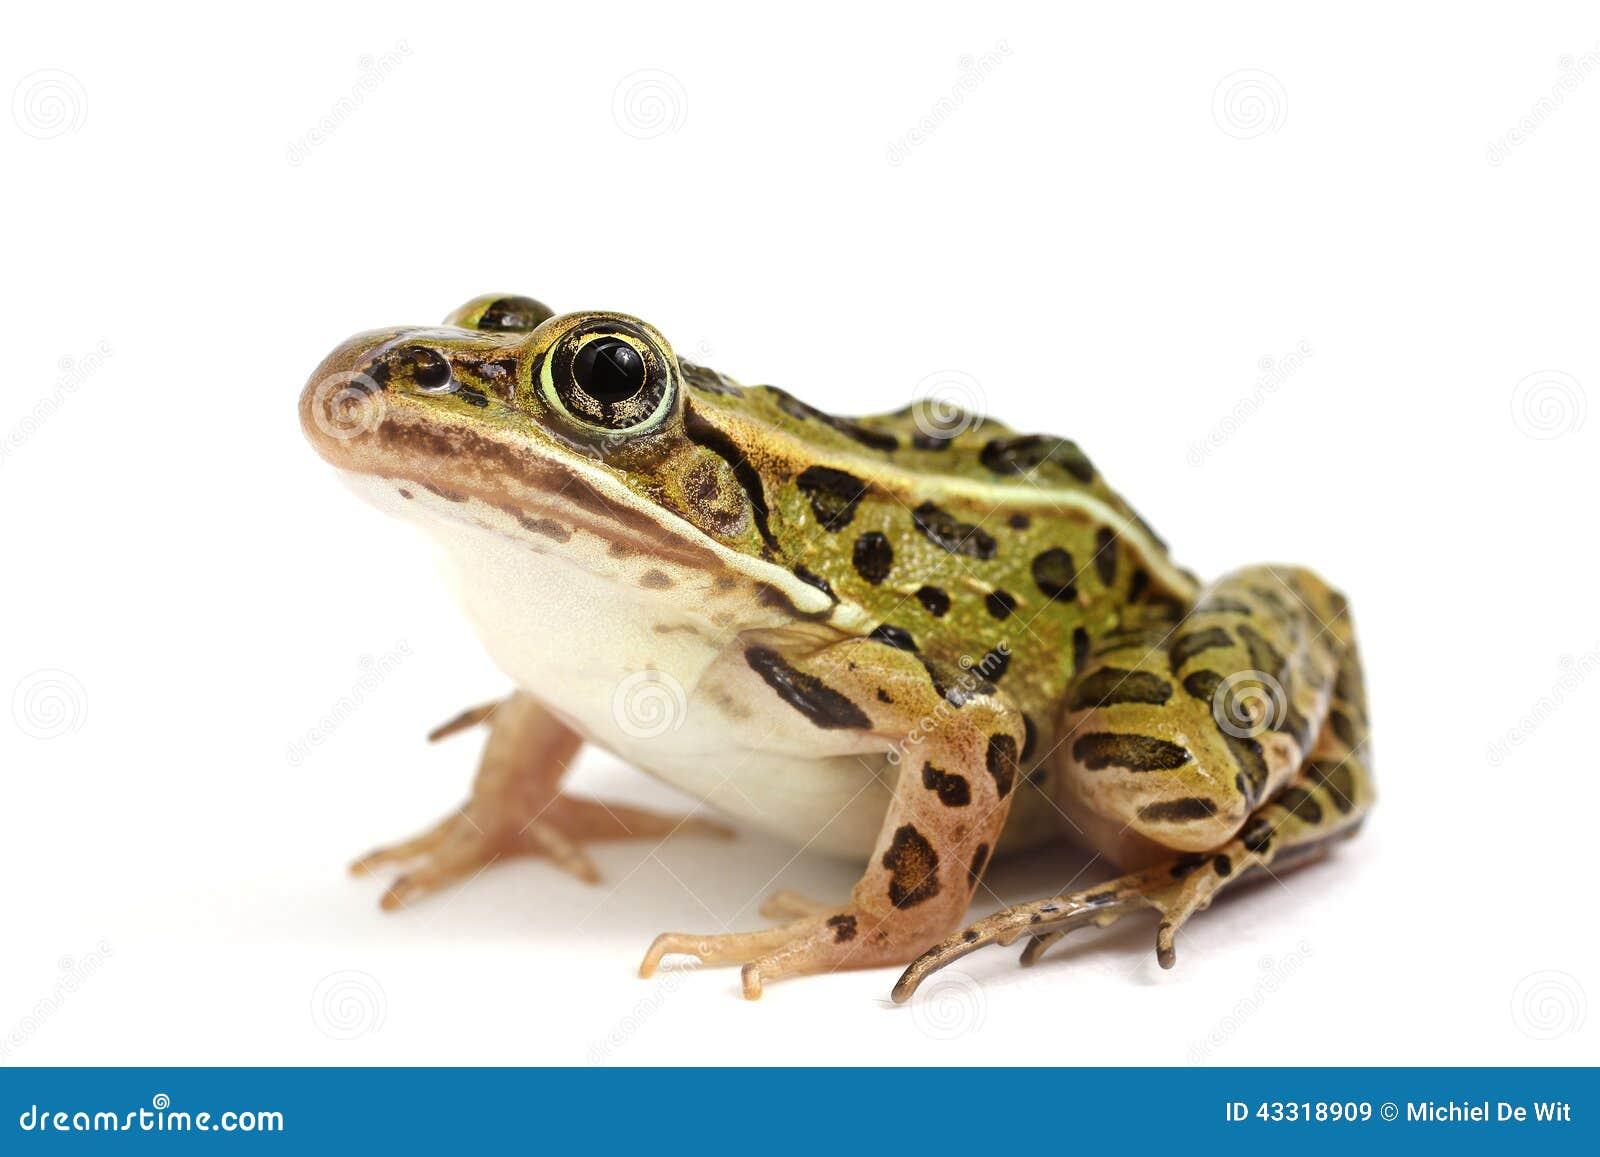 北豹子青蛙(Lithobates pipiens)